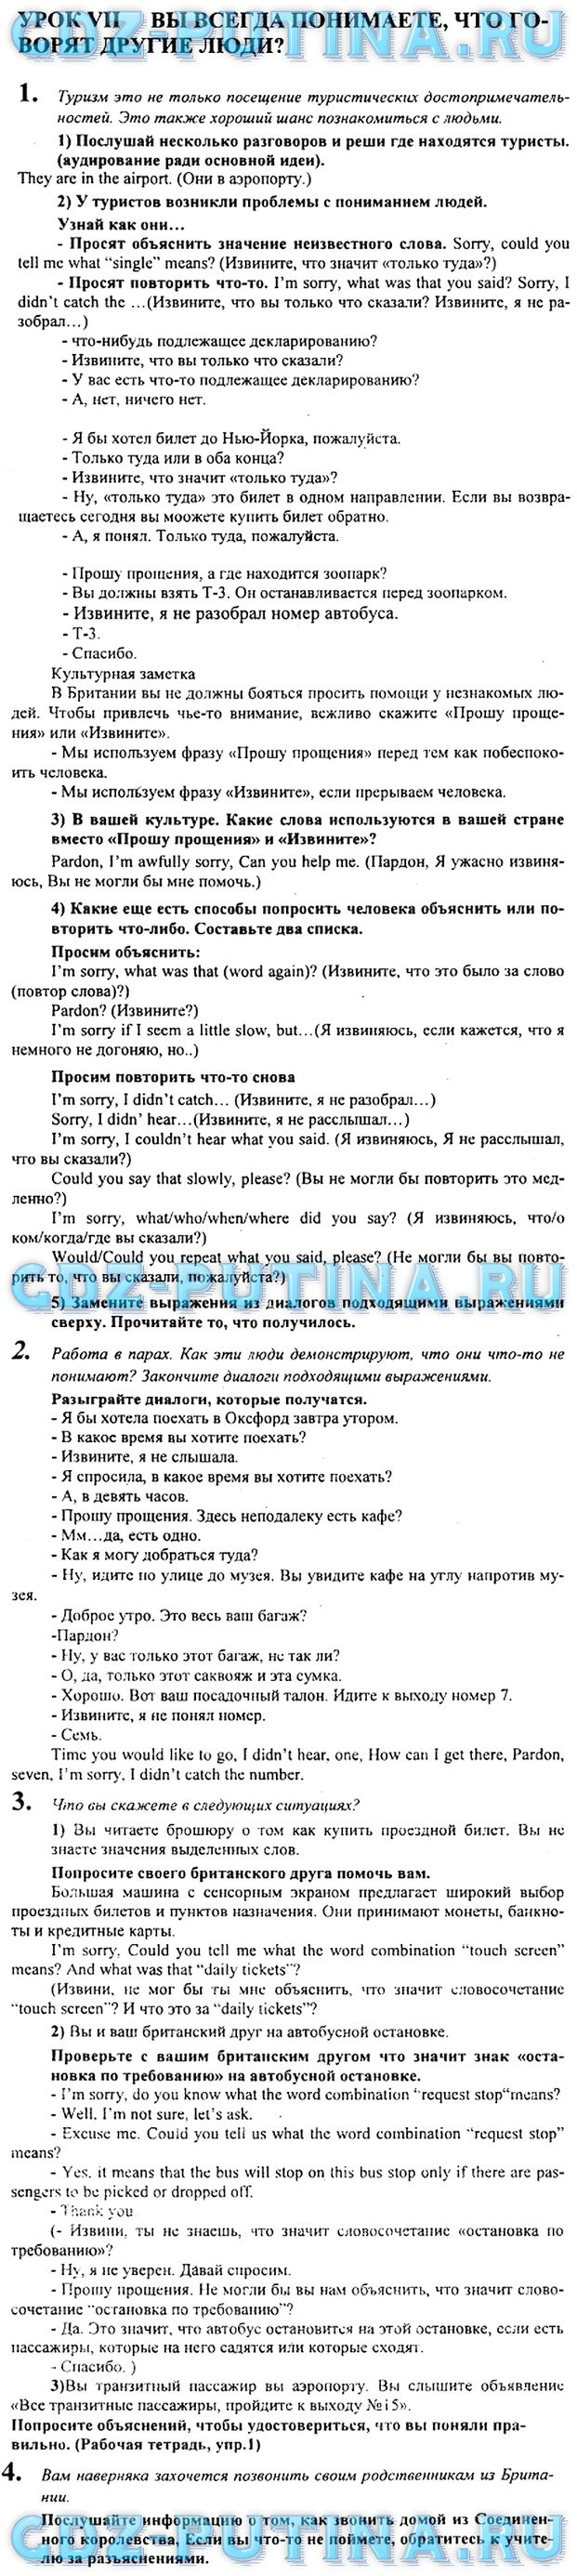 Решебник по английскому языку 8 класс уроки